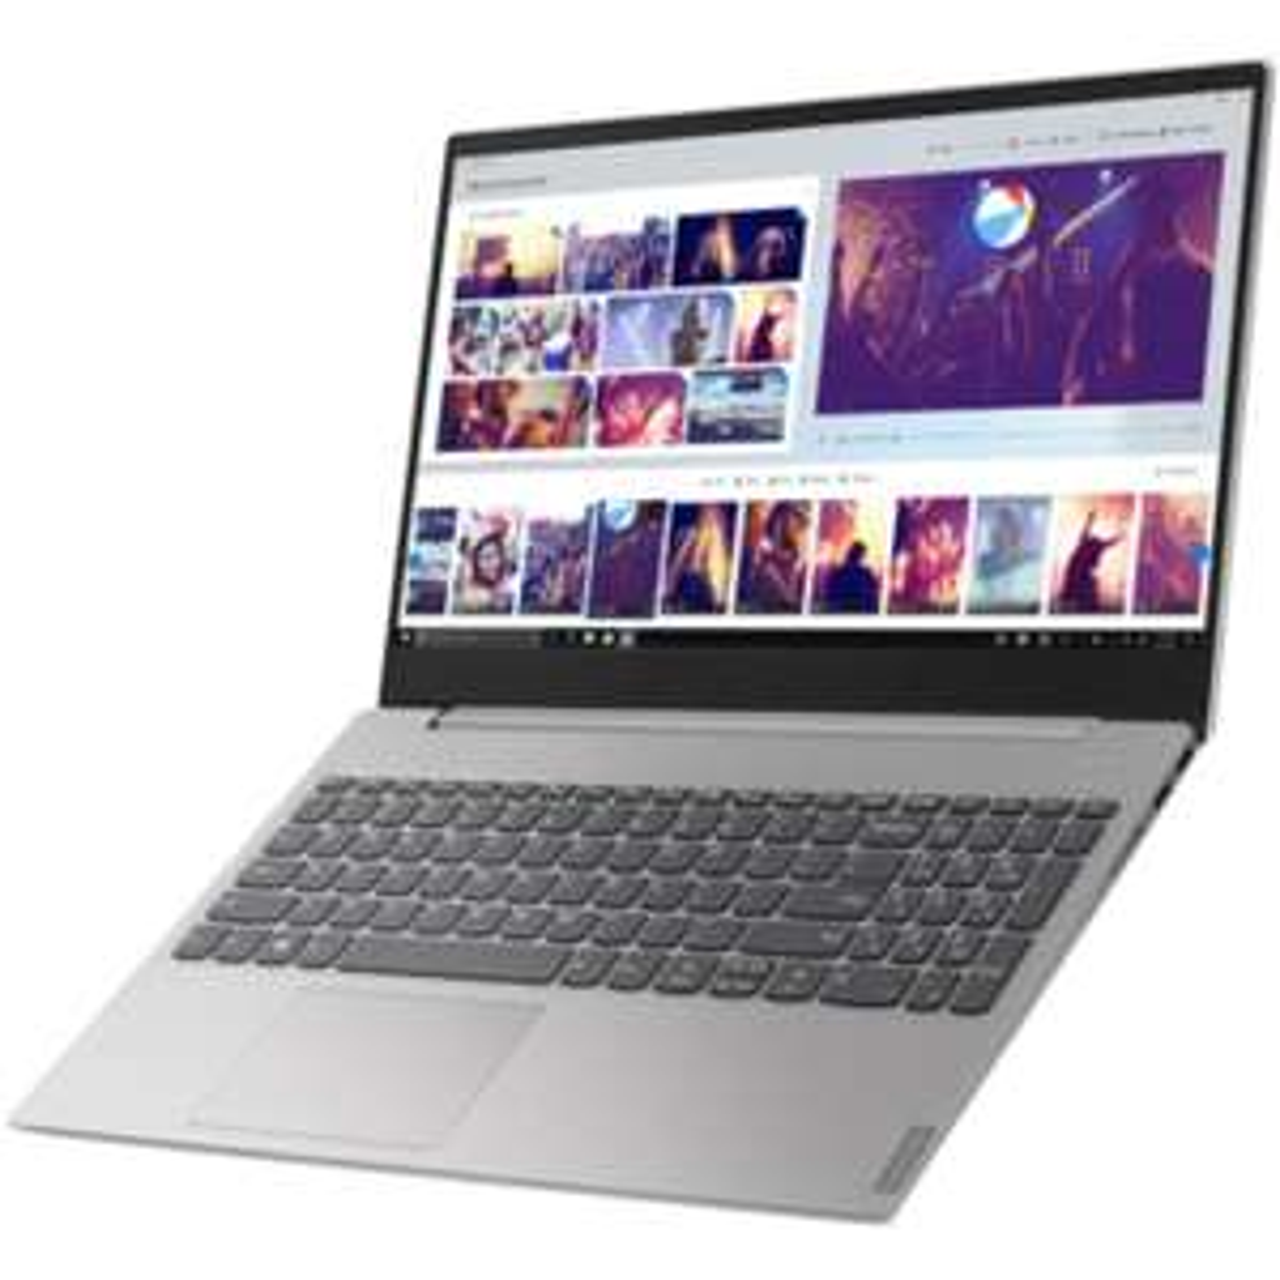 """Lenovo IdeaPad S340 15.6"""" - i5 (8th gen), 8GB RAM, 256GB £479 (£439 after £40 cashback) at AO"""